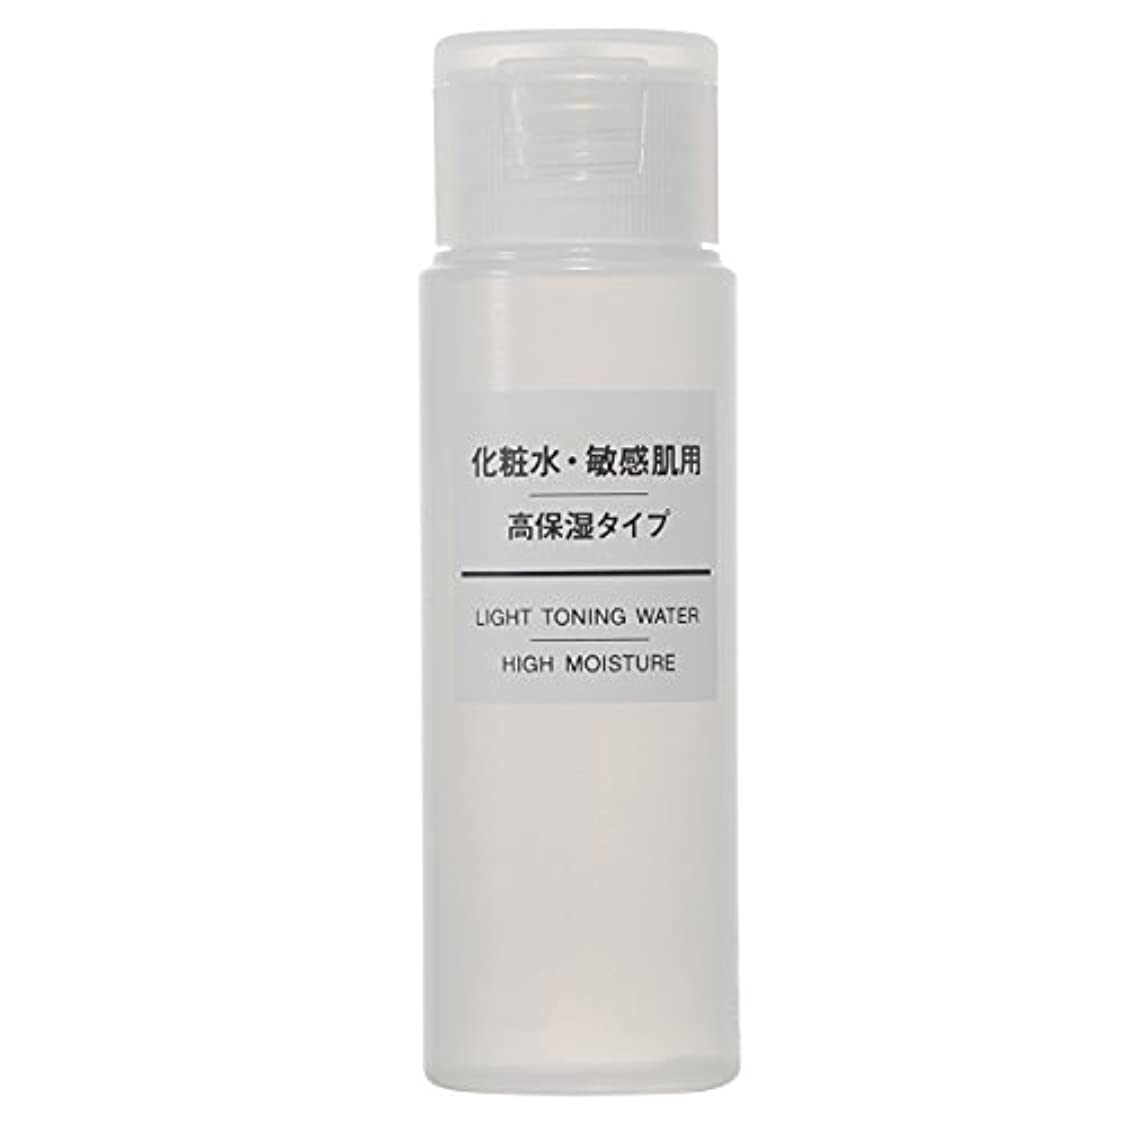 海岸ヤギ会計士無印良品 化粧水 敏感肌用 高保湿タイプ(携帯用) 50ml